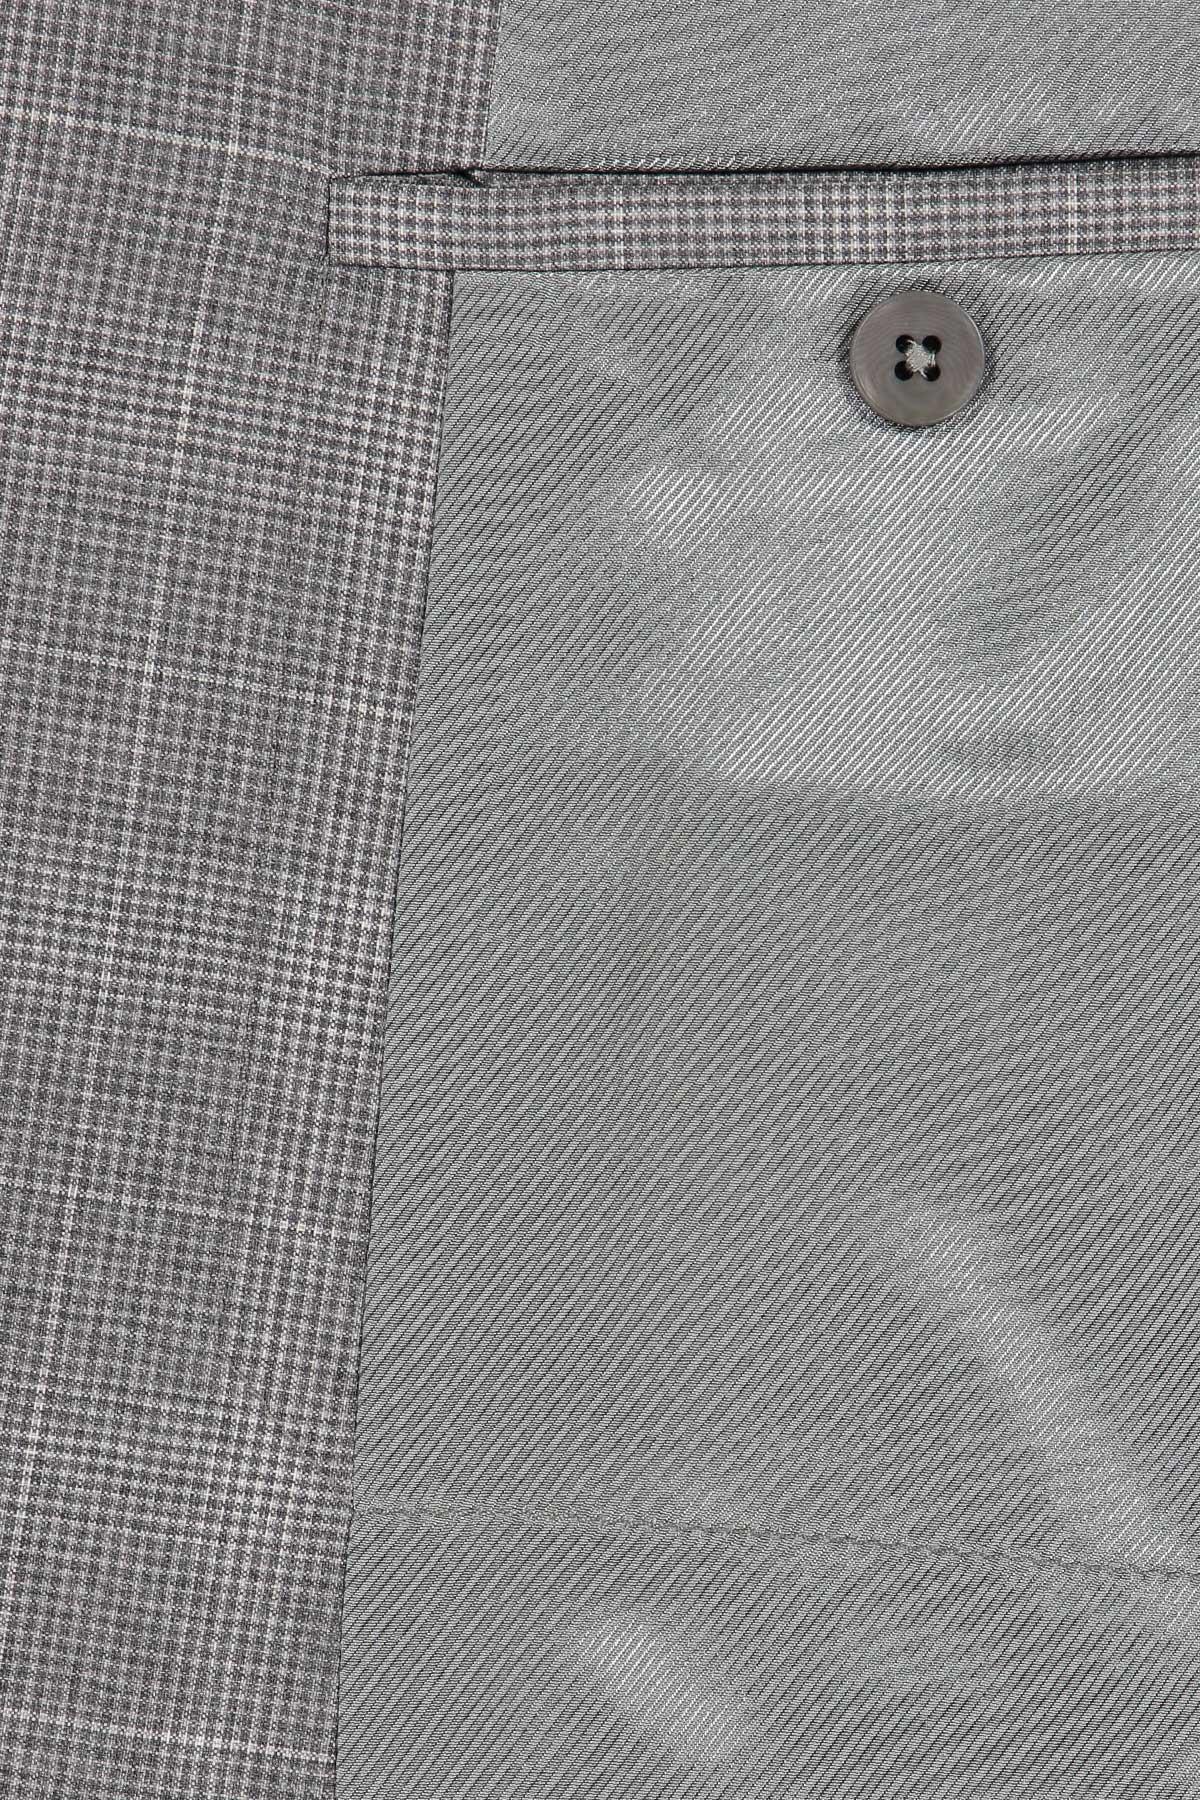 TRAJE marca Z ZEGNA 2 PIEZAS corte SLIM color gris a cuadros